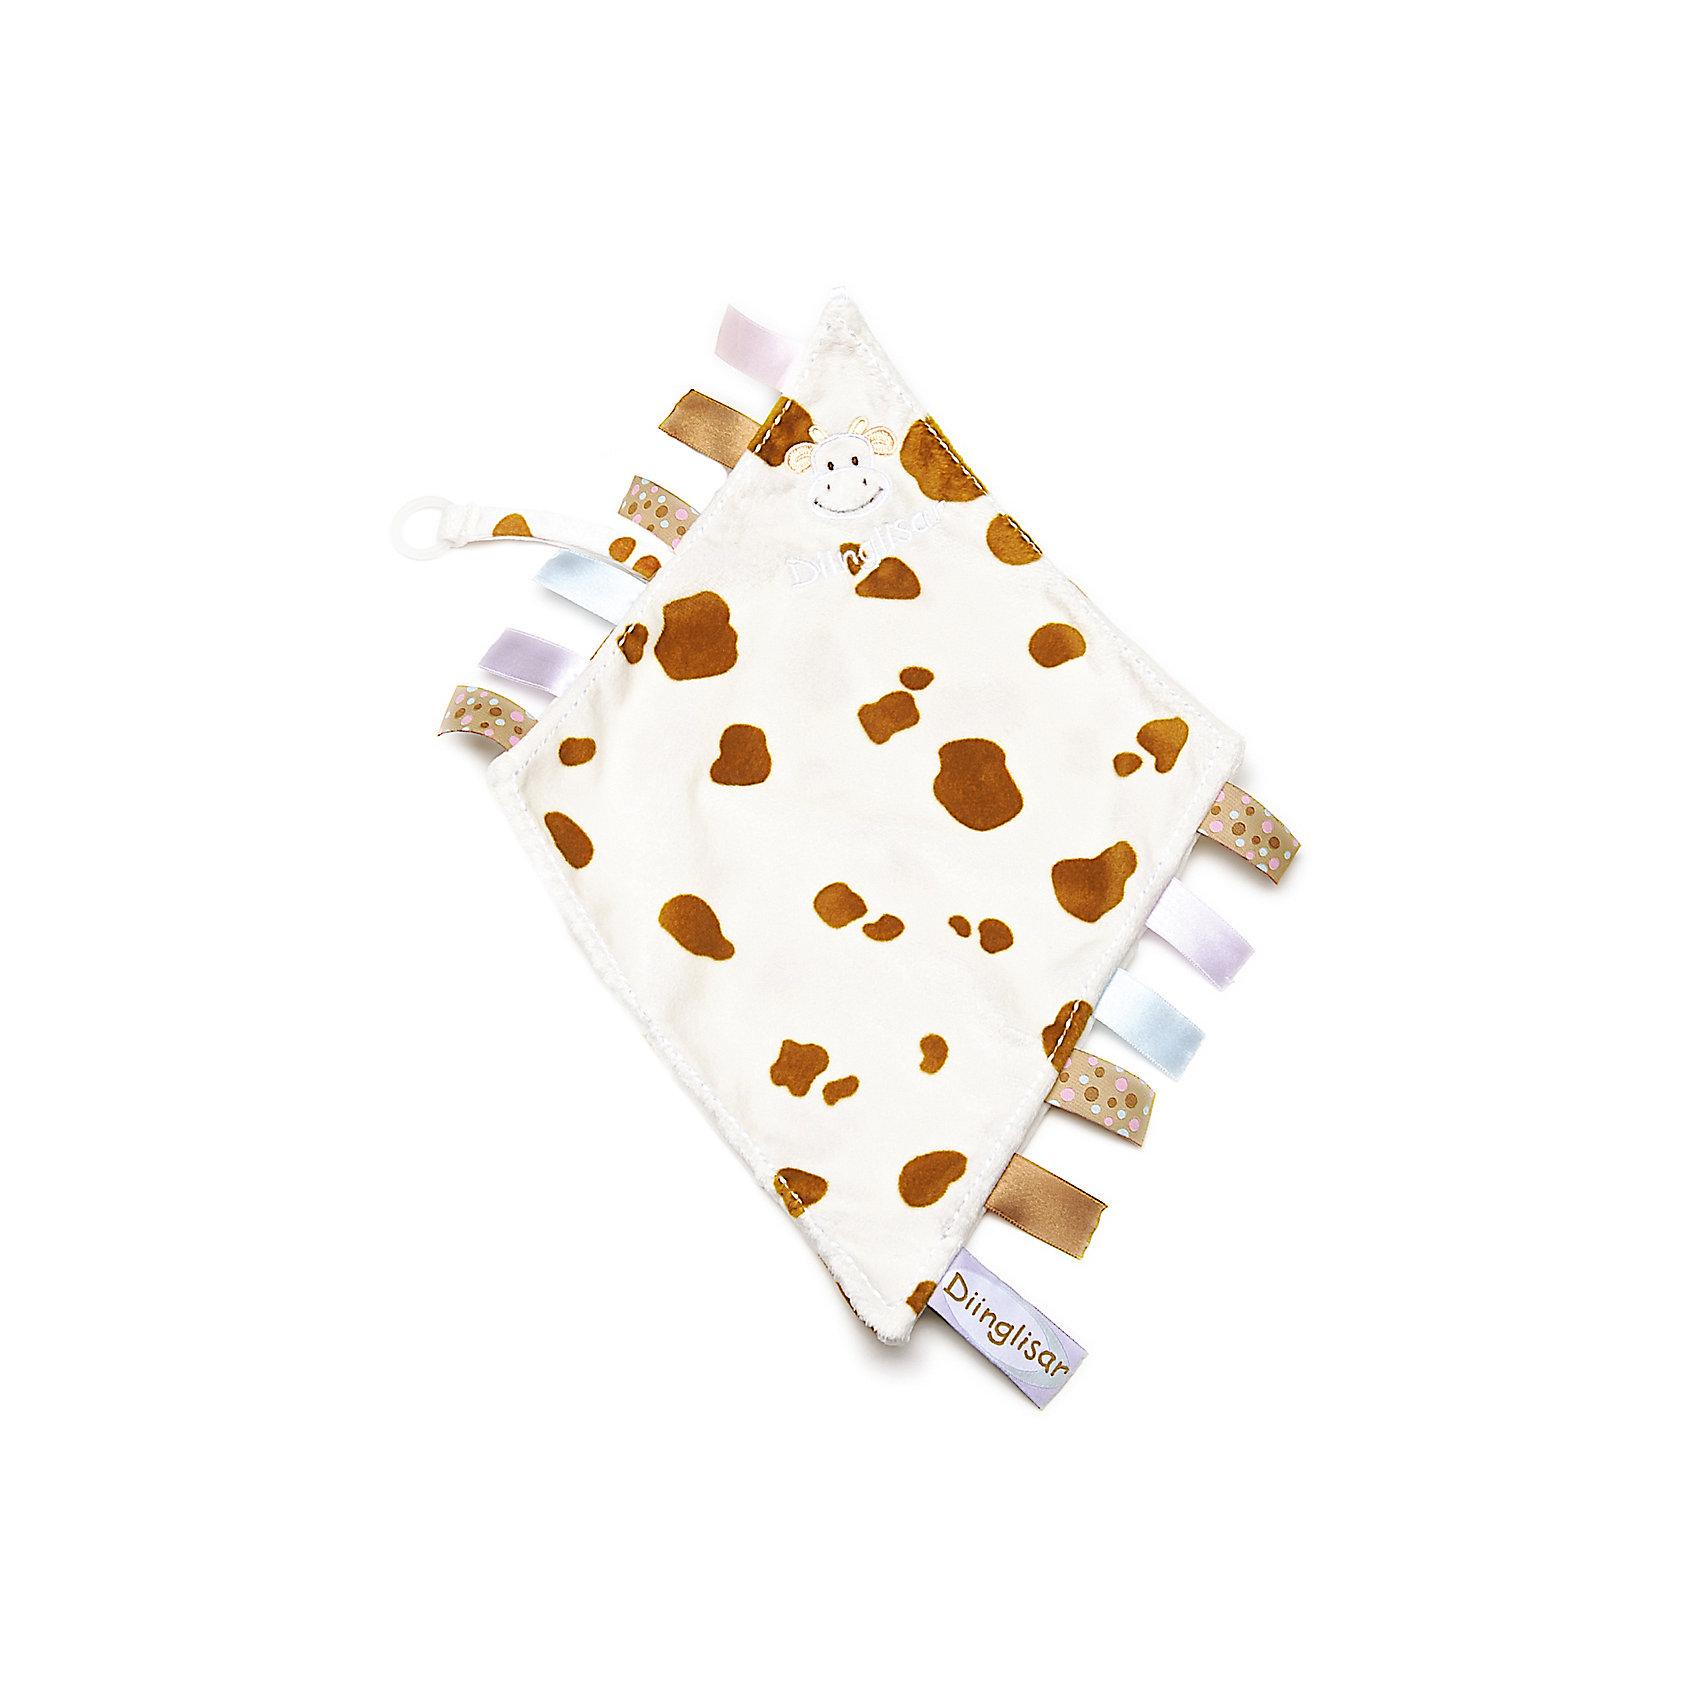 Держатель для соски-салфетка Корова, ДинглисарХарактеристики игрушки Teddykompaniet: <br><br>• размер держателя-салфетки: 24х23 см;<br>• материал: 100% хлопок (безворсовый велюр) – салфетка; пластик – кольцо-держатель;<br>• серия: Динглисар;<br>• тип крепления: кольцо-держатель.<br><br>Держатель-салфетка с вышитой мордочкой коровки декорирован атласными ленточками по бокам изделия, на мягкой тесемке закреплен пластиковый карабинчик для пустышки. Малыш может теребить салфетку в ручках, использовать ее на этапе прорезывания зубок – материл отлично впитывает влагу. В процессе игры развивается мелкая моторика ручек, тактильное восприятие, зрительный анализатор. <br><br>Держатель для соски-салфетка Корова, Динглисар можно купить в нашем интернет-магазине.<br><br>Ширина мм: 50<br>Глубина мм: 100<br>Высота мм: 100<br>Вес г: 210<br>Возраст от месяцев: 0<br>Возраст до месяцев: 12<br>Пол: Унисекс<br>Возраст: Детский<br>SKU: 5219502